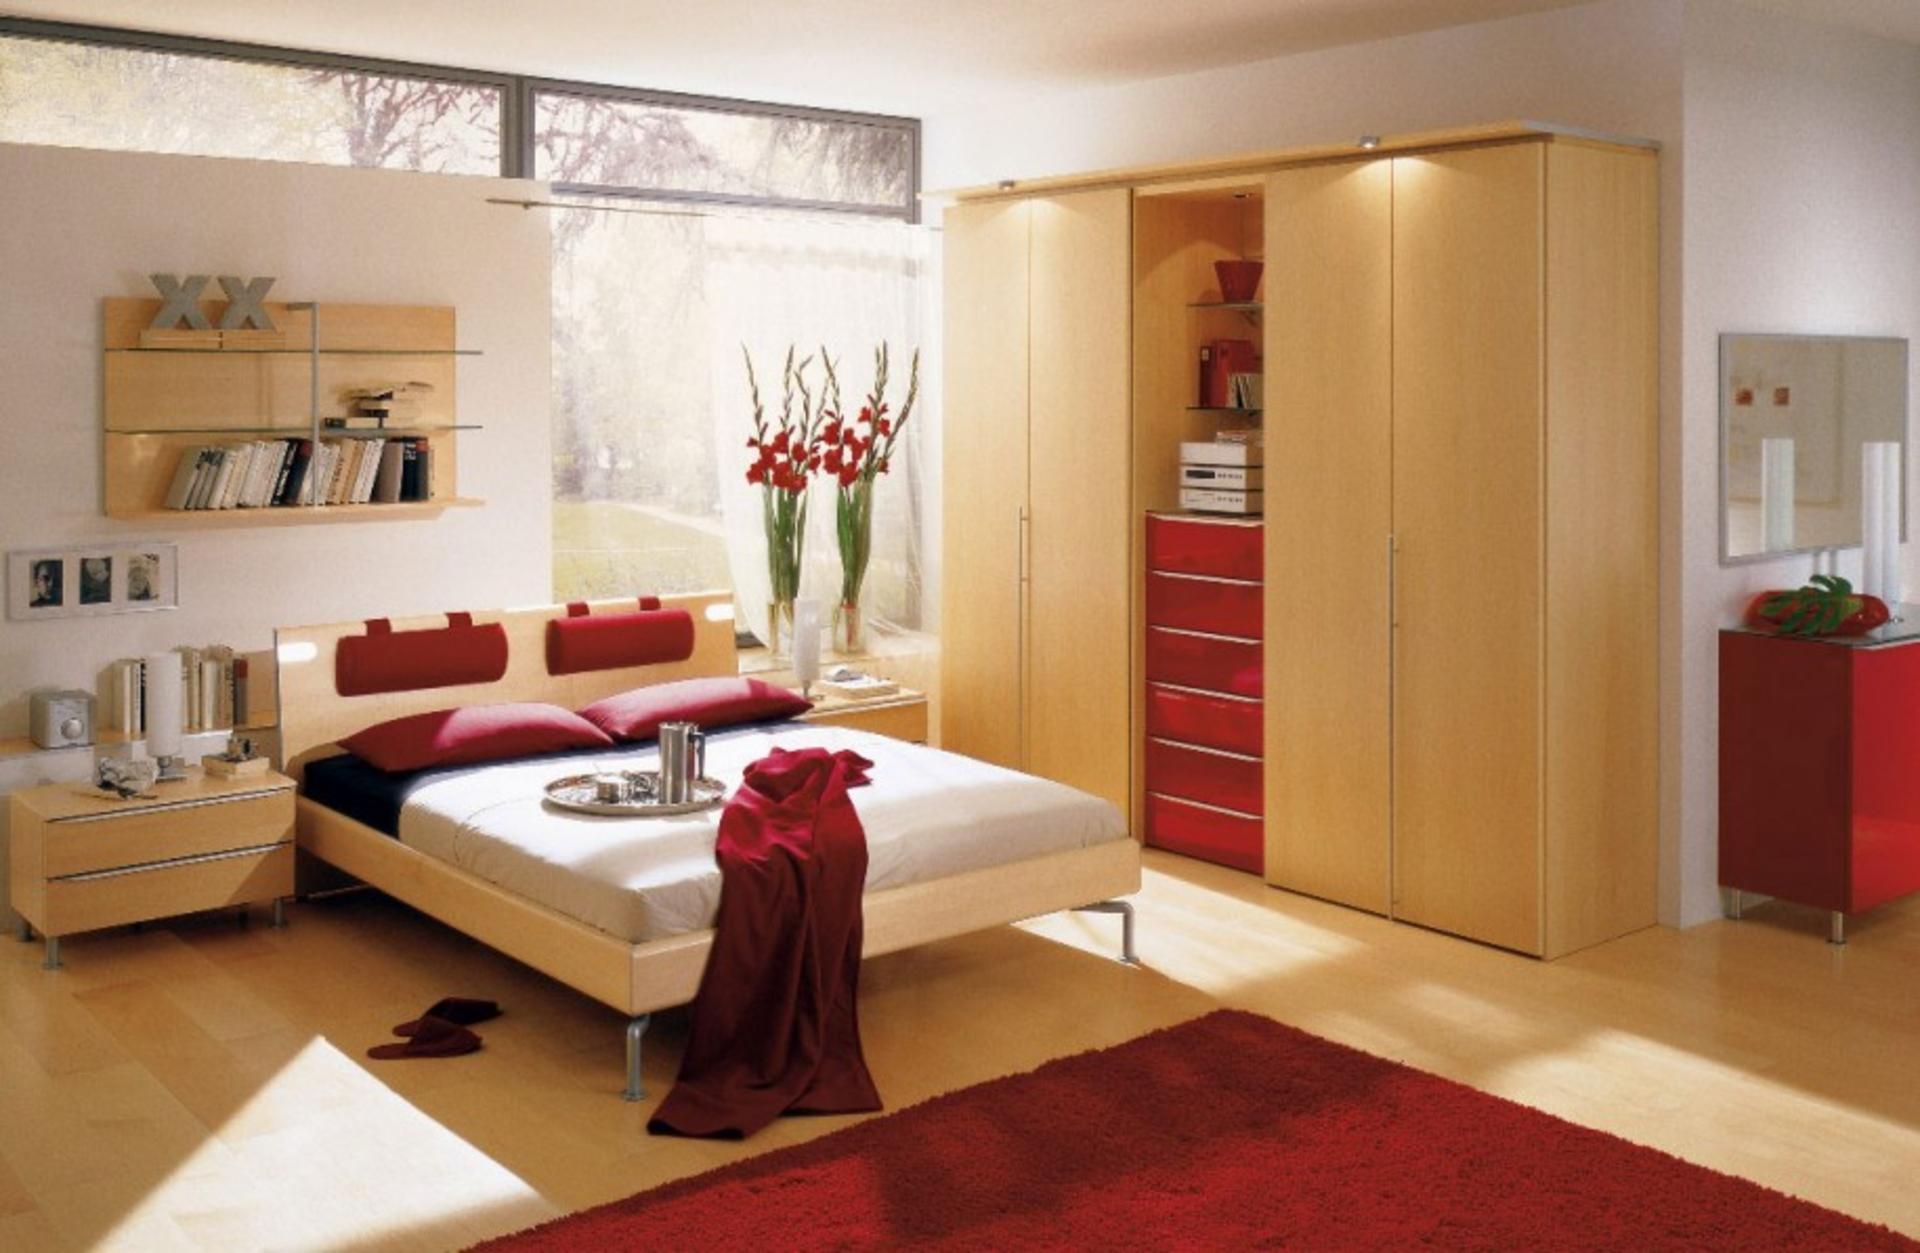 تصميم غرف نوم جميلة | المرسال